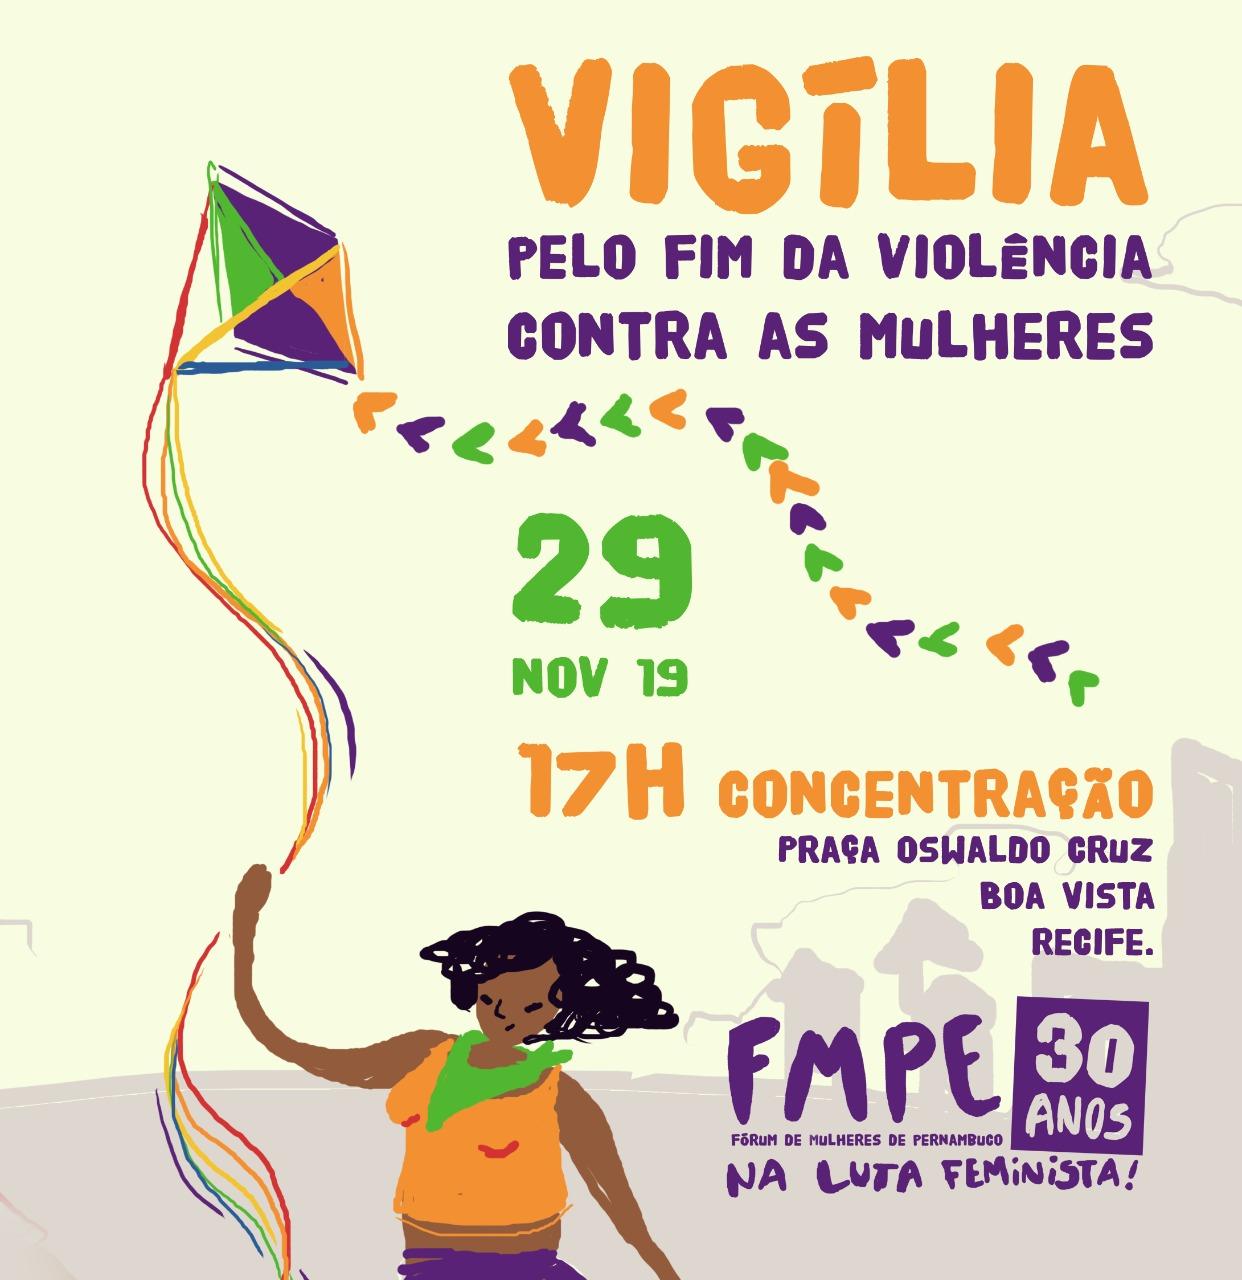 Fórum de Mulheres de Pernambuco realiza vigília pelo fim da violência contra as mulheres